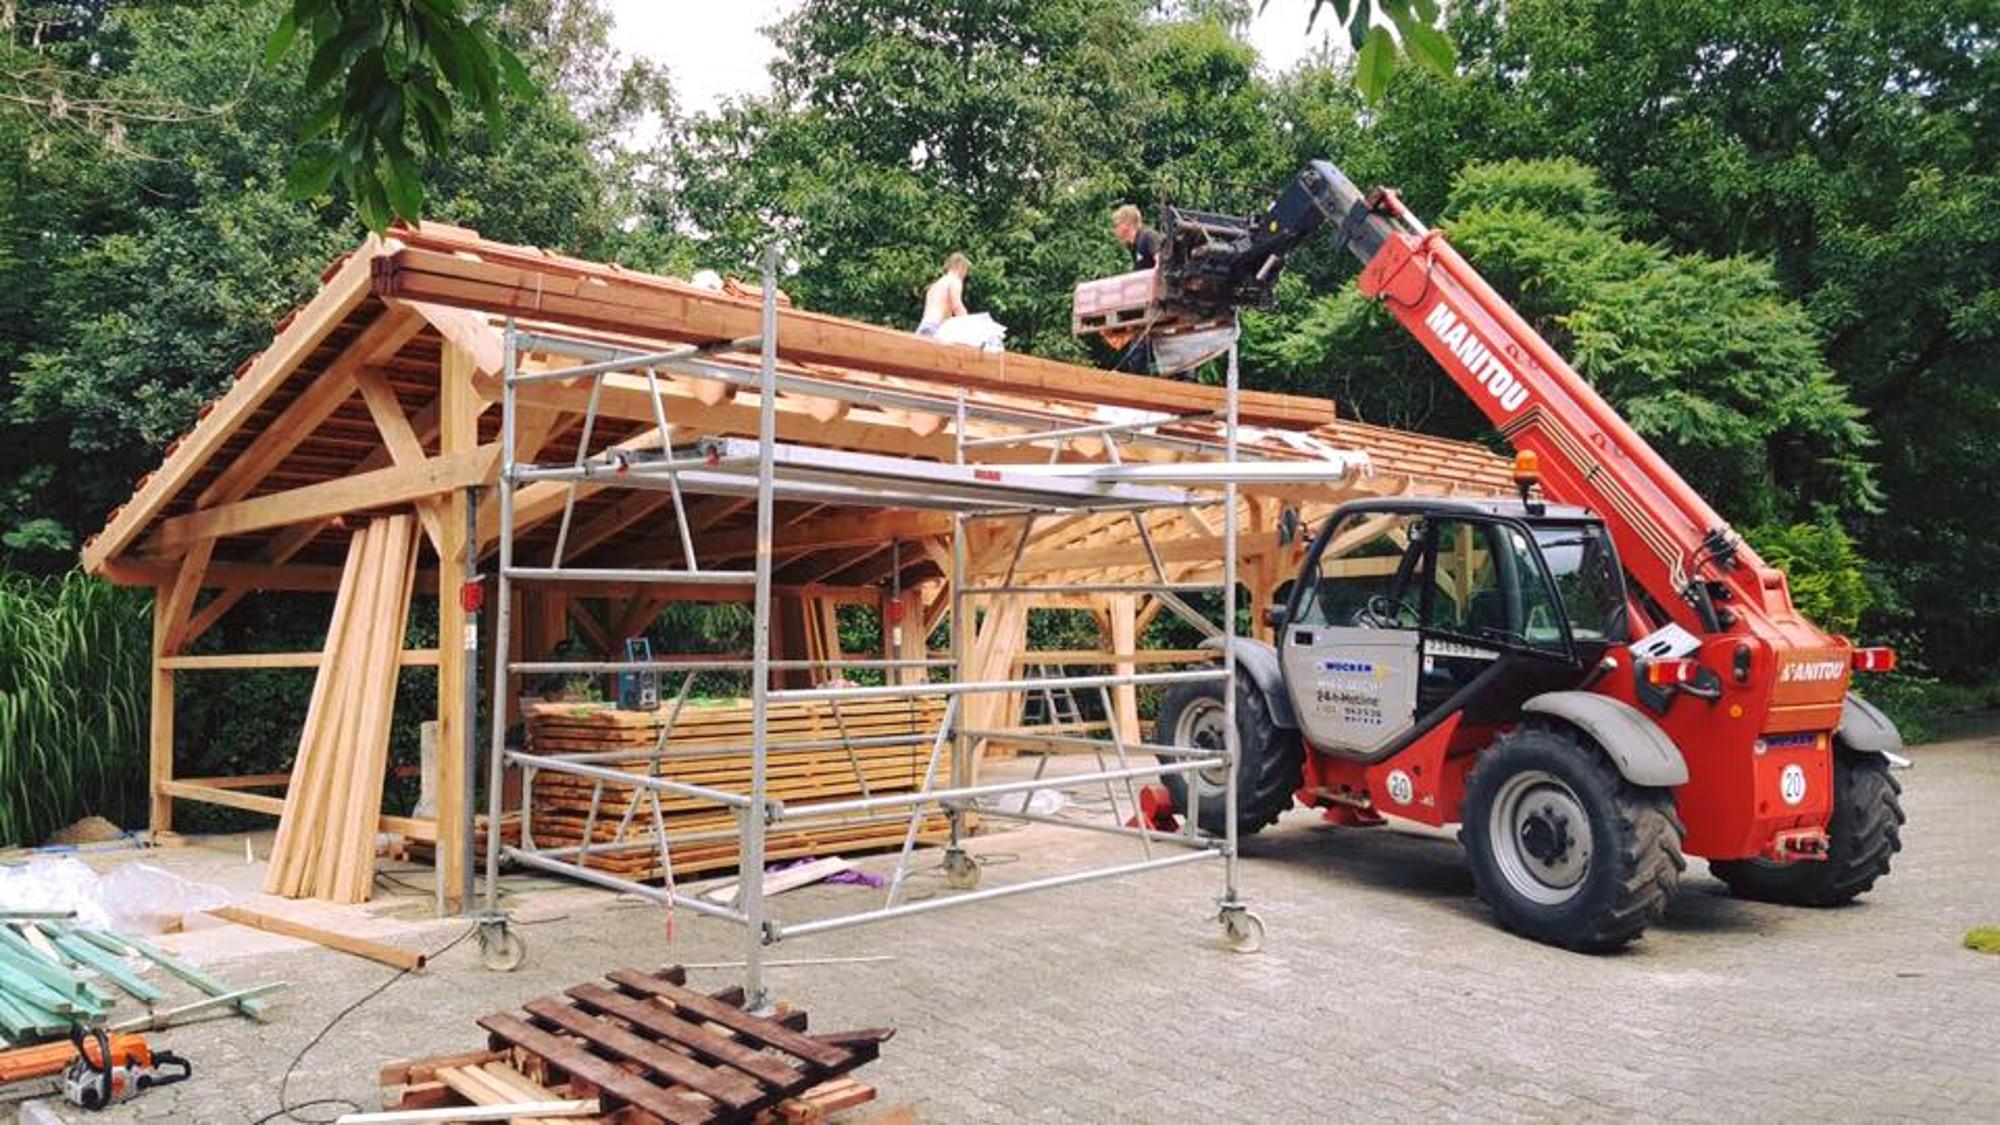 Carport Baugenehmigung – Worauf kommt es an?